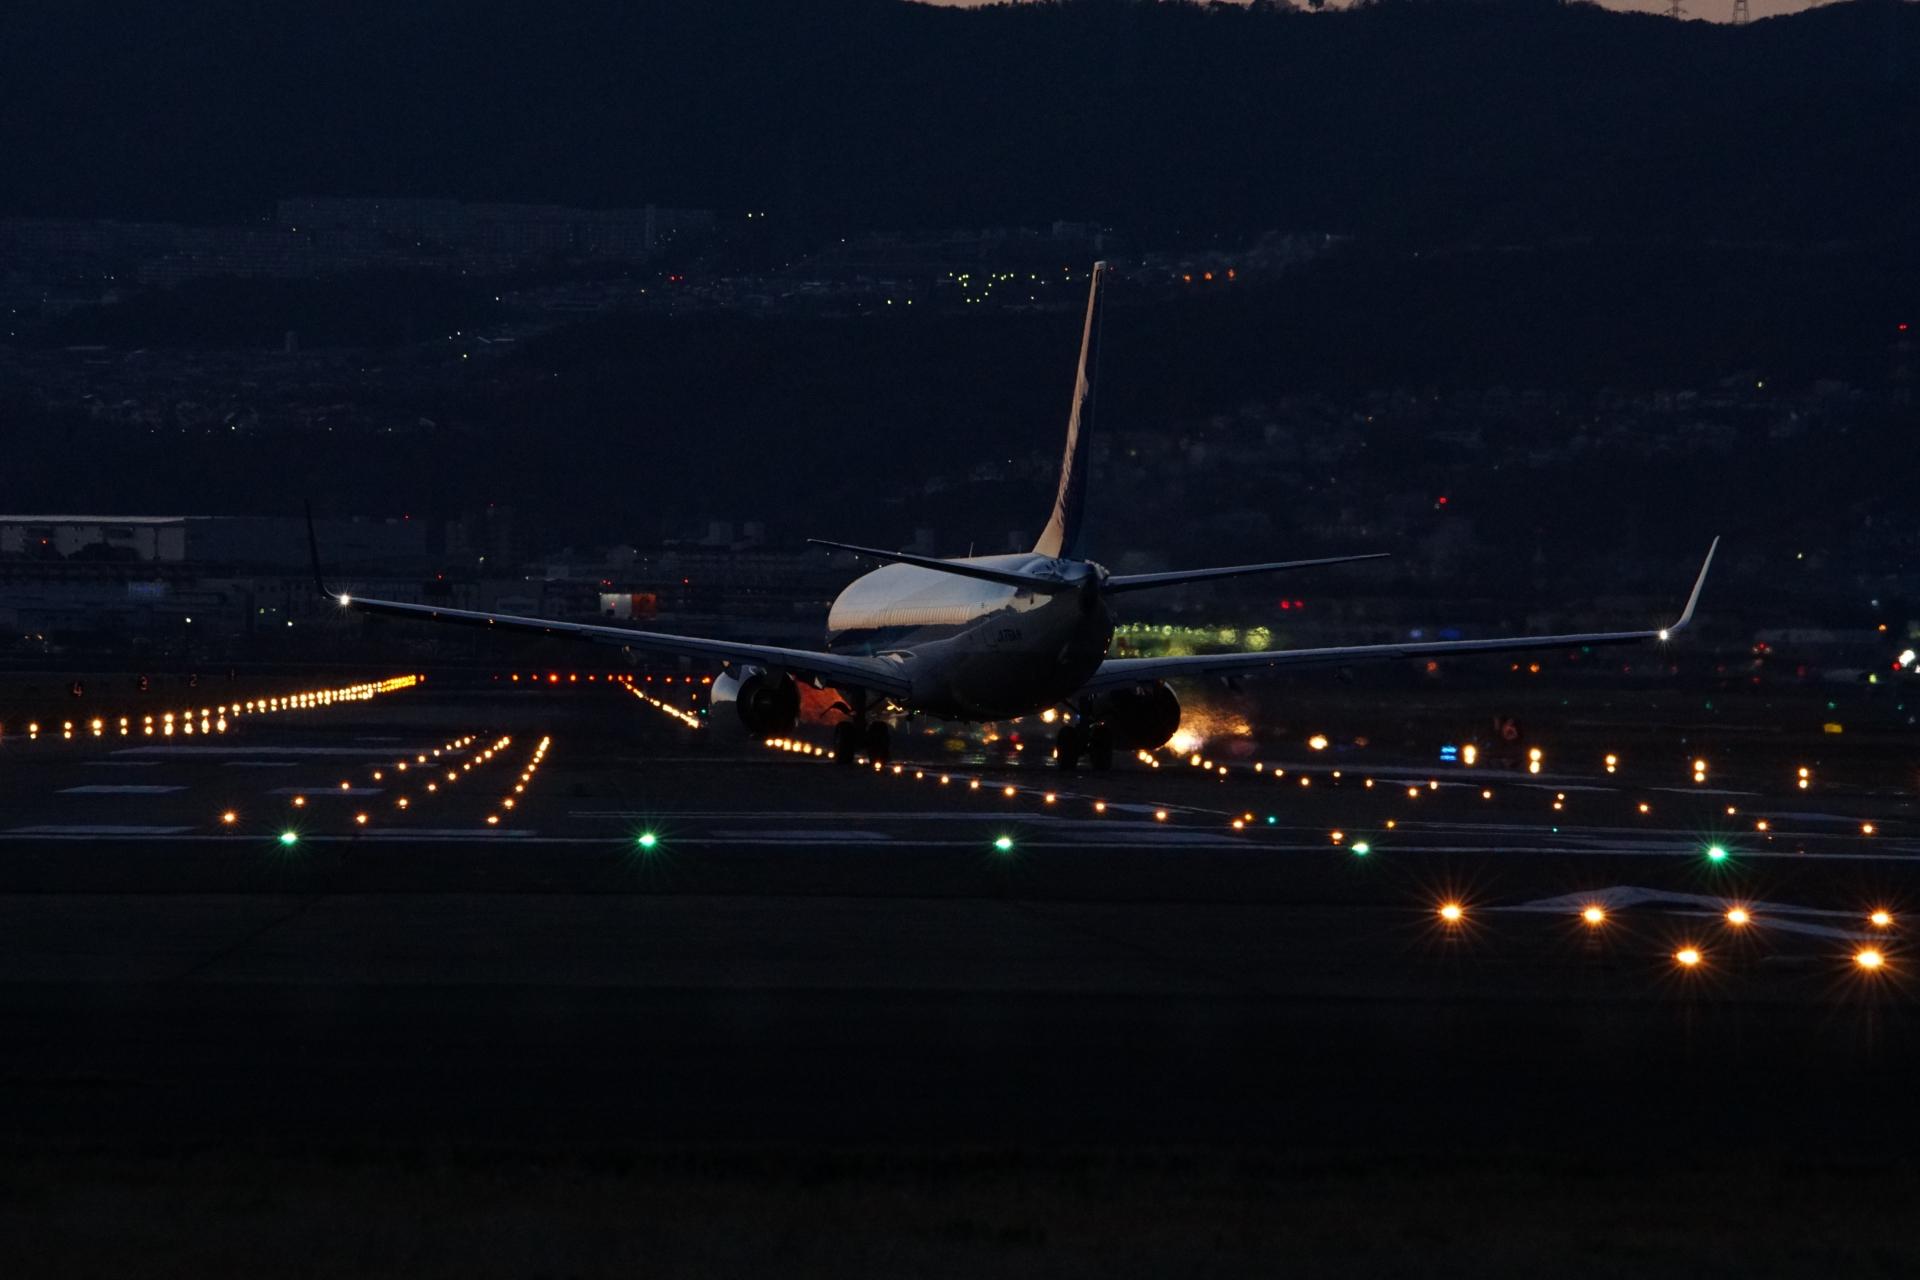 夜景 伊丹 空港 空港で上手に「飛行機撮影」するには?【伊丹空港編】 [飛行機の旅]